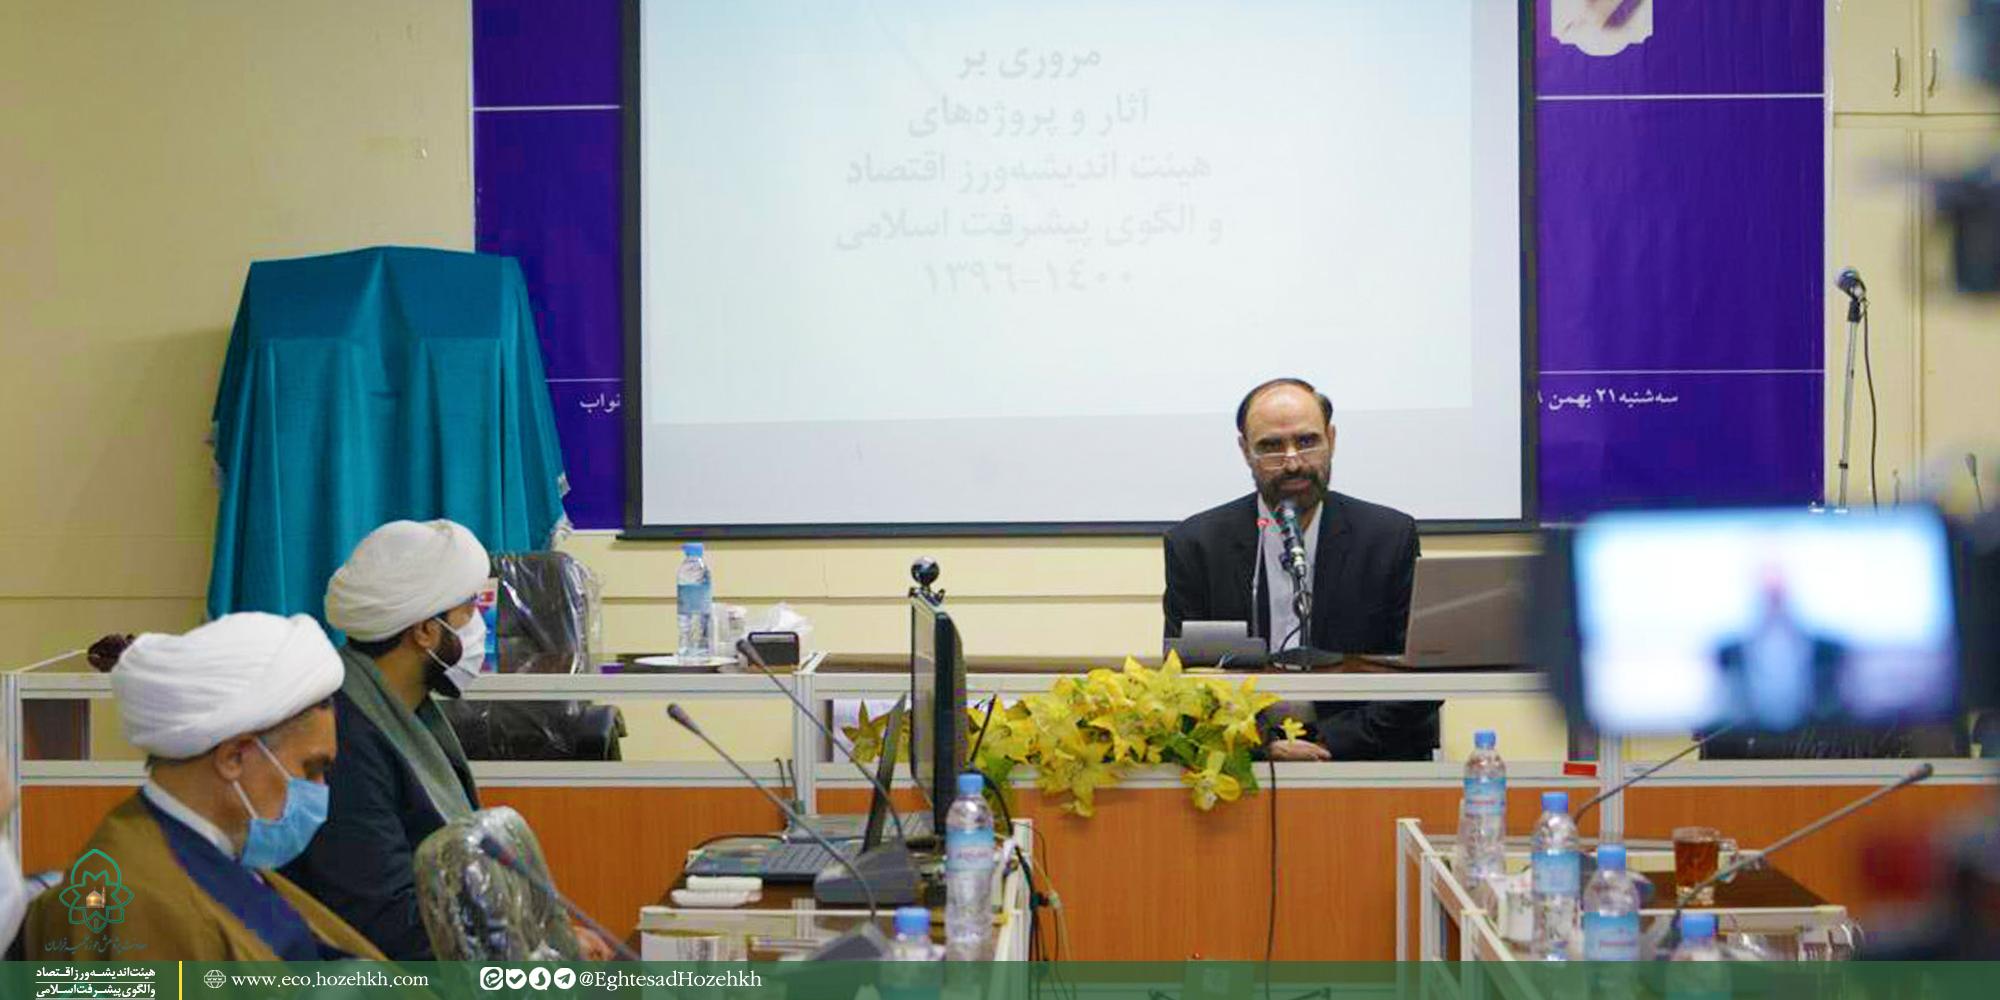 مدیر محترم هیئت اندیشهورز اقتصاد: پیشتازی هیئت در آموزش و پژوهش اقتصاد